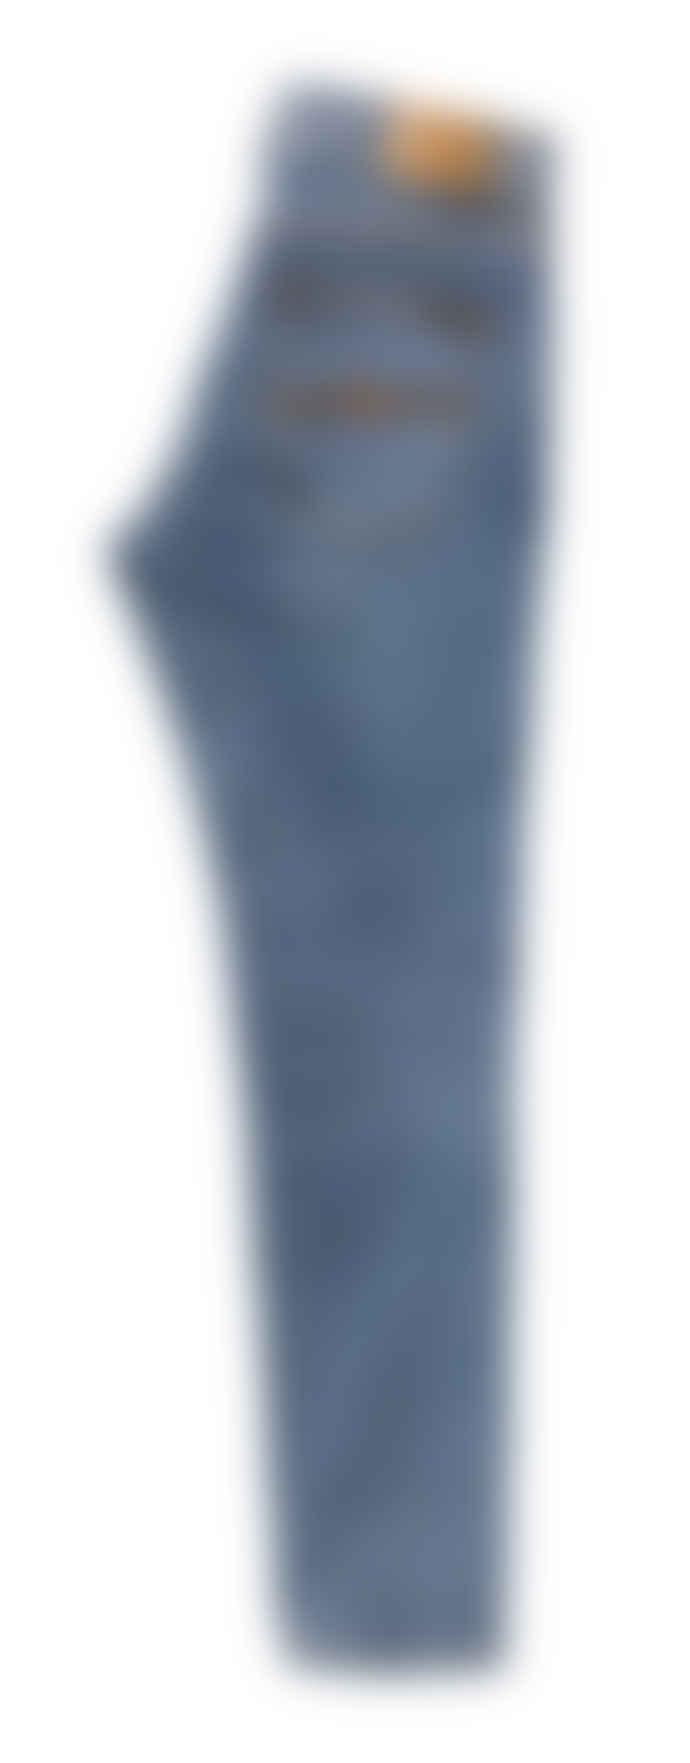 Nudie Jeans Lean Dean Slim Fit Jeans (Lost Orange)